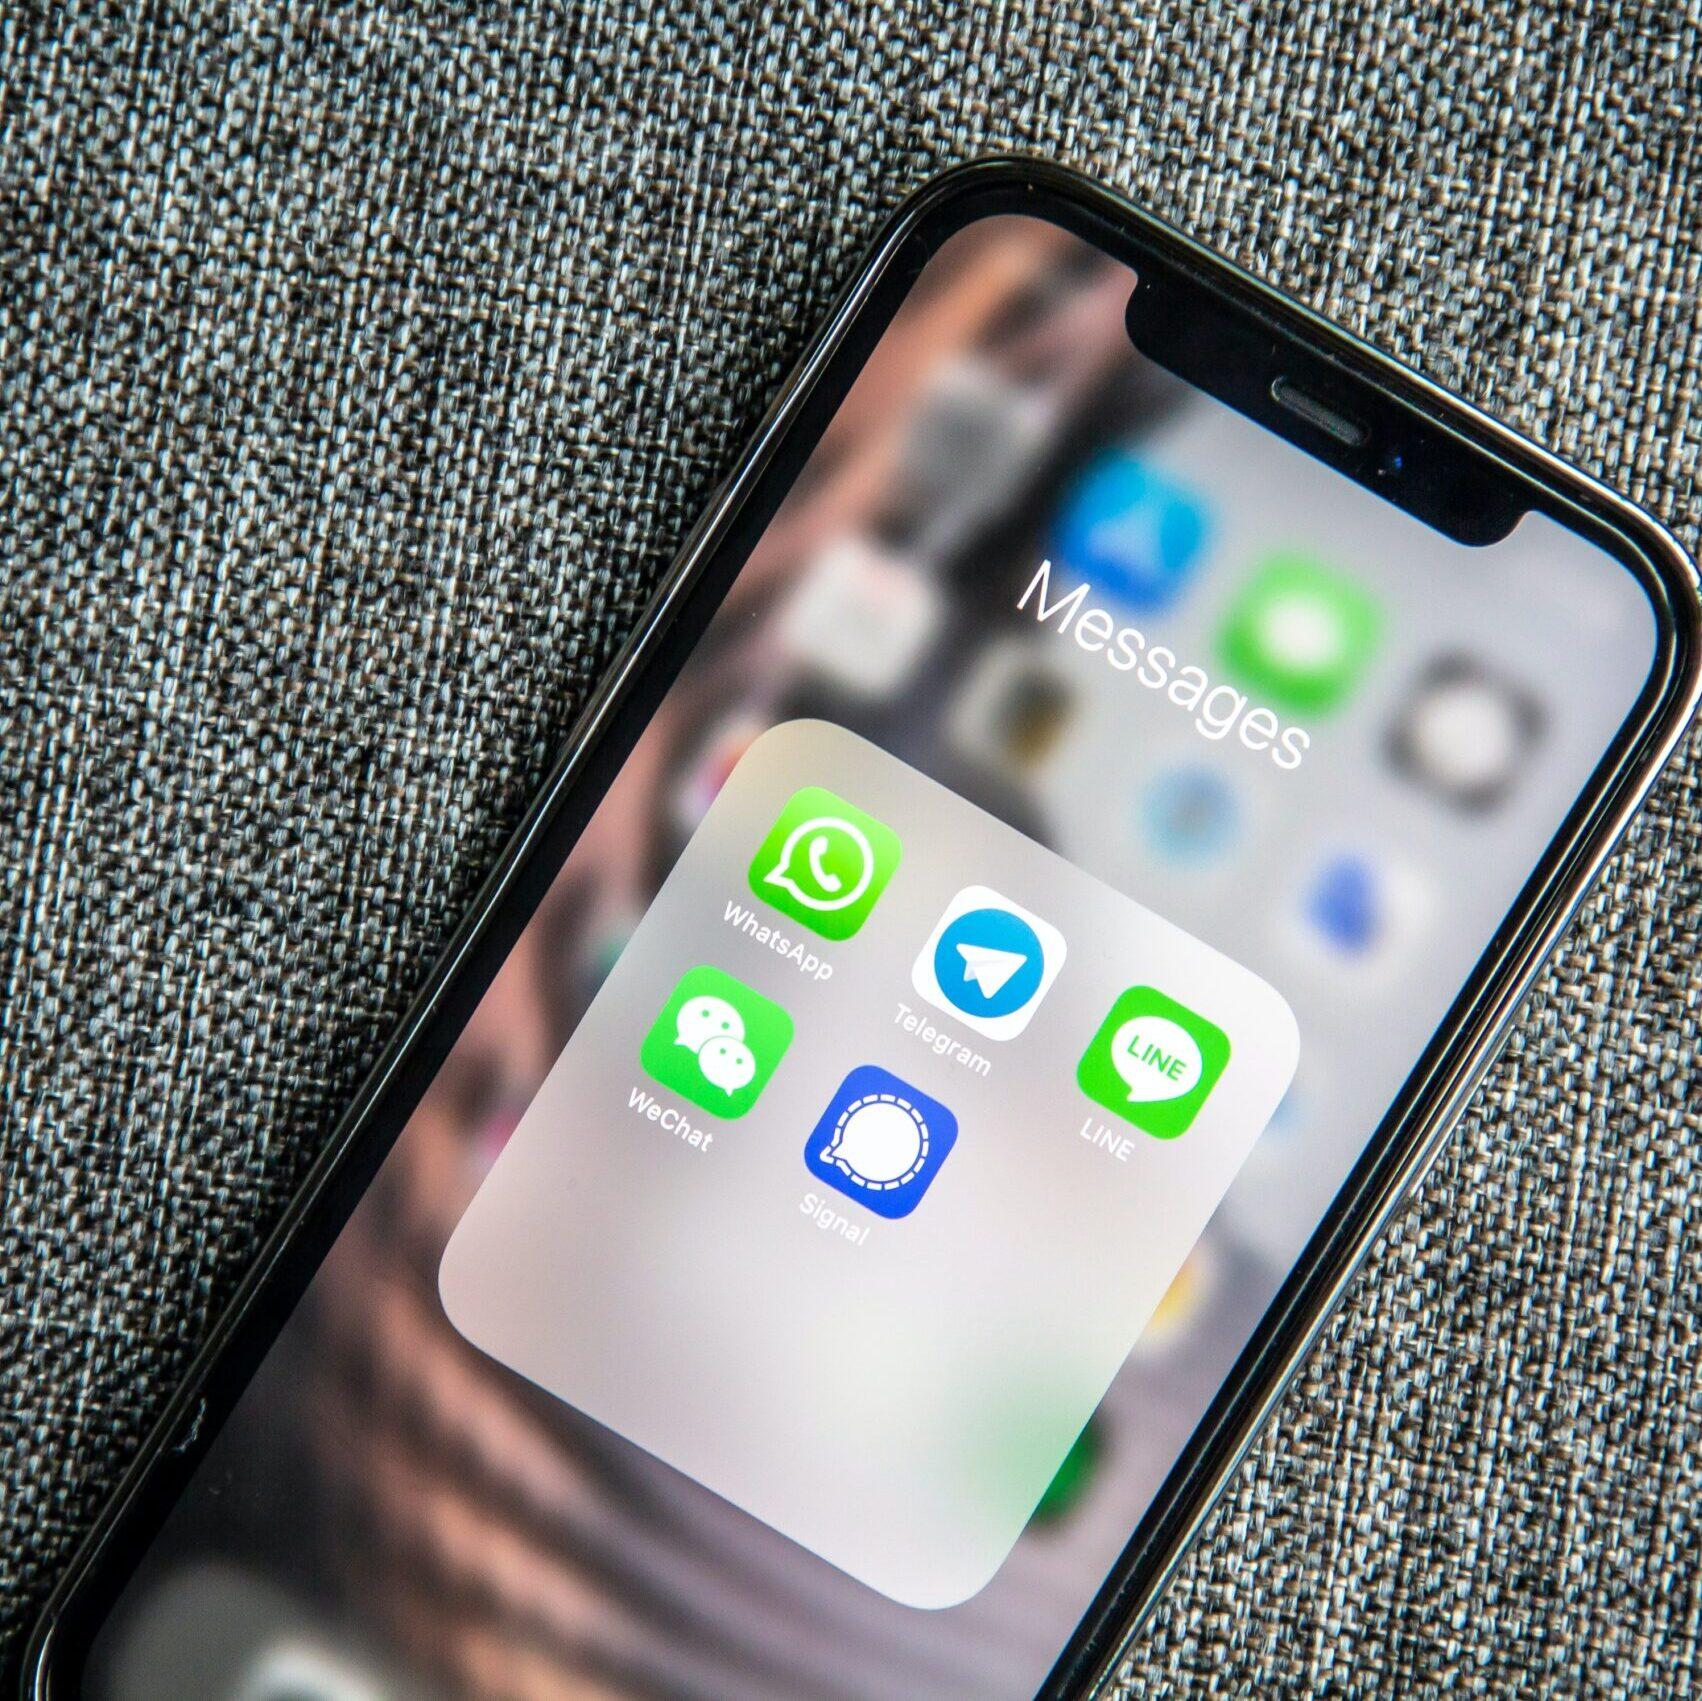 Qué hacer cuando una aplicación se cierra sola en iPhone